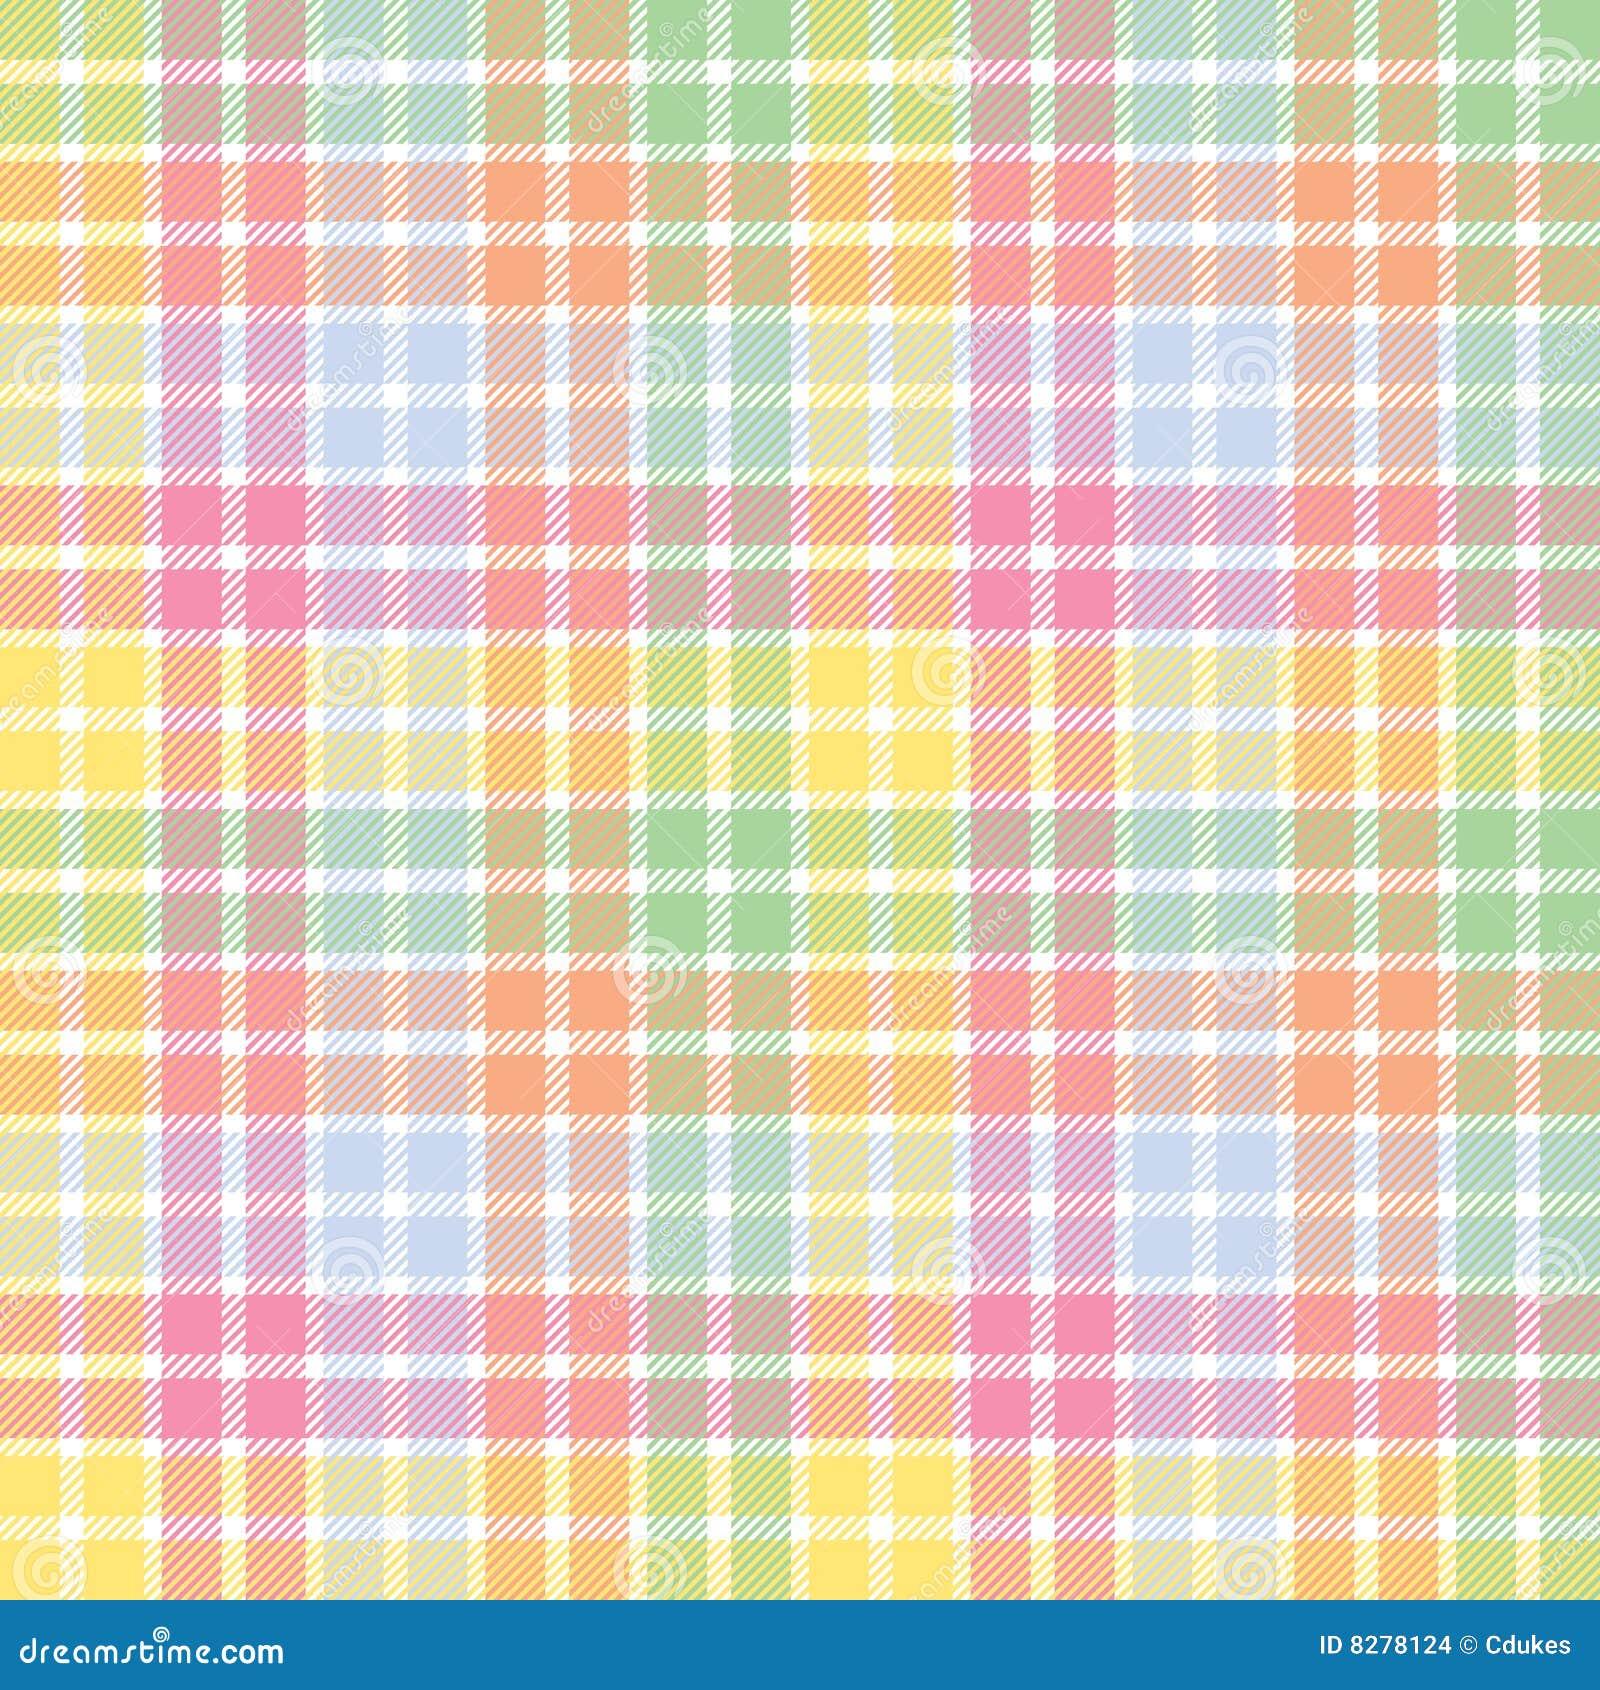 pastel stripe plaid stock images image 8278124. Black Bedroom Furniture Sets. Home Design Ideas